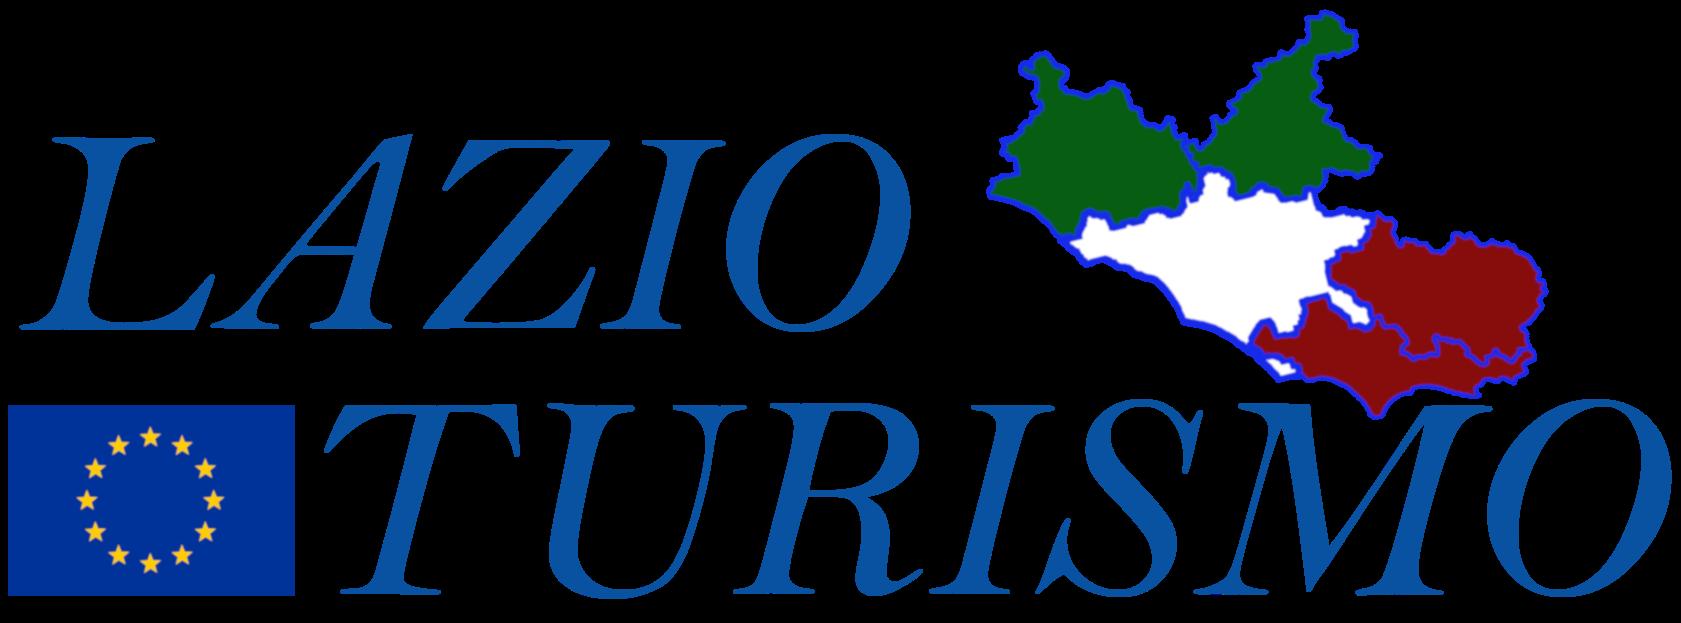 Lazio Turismo